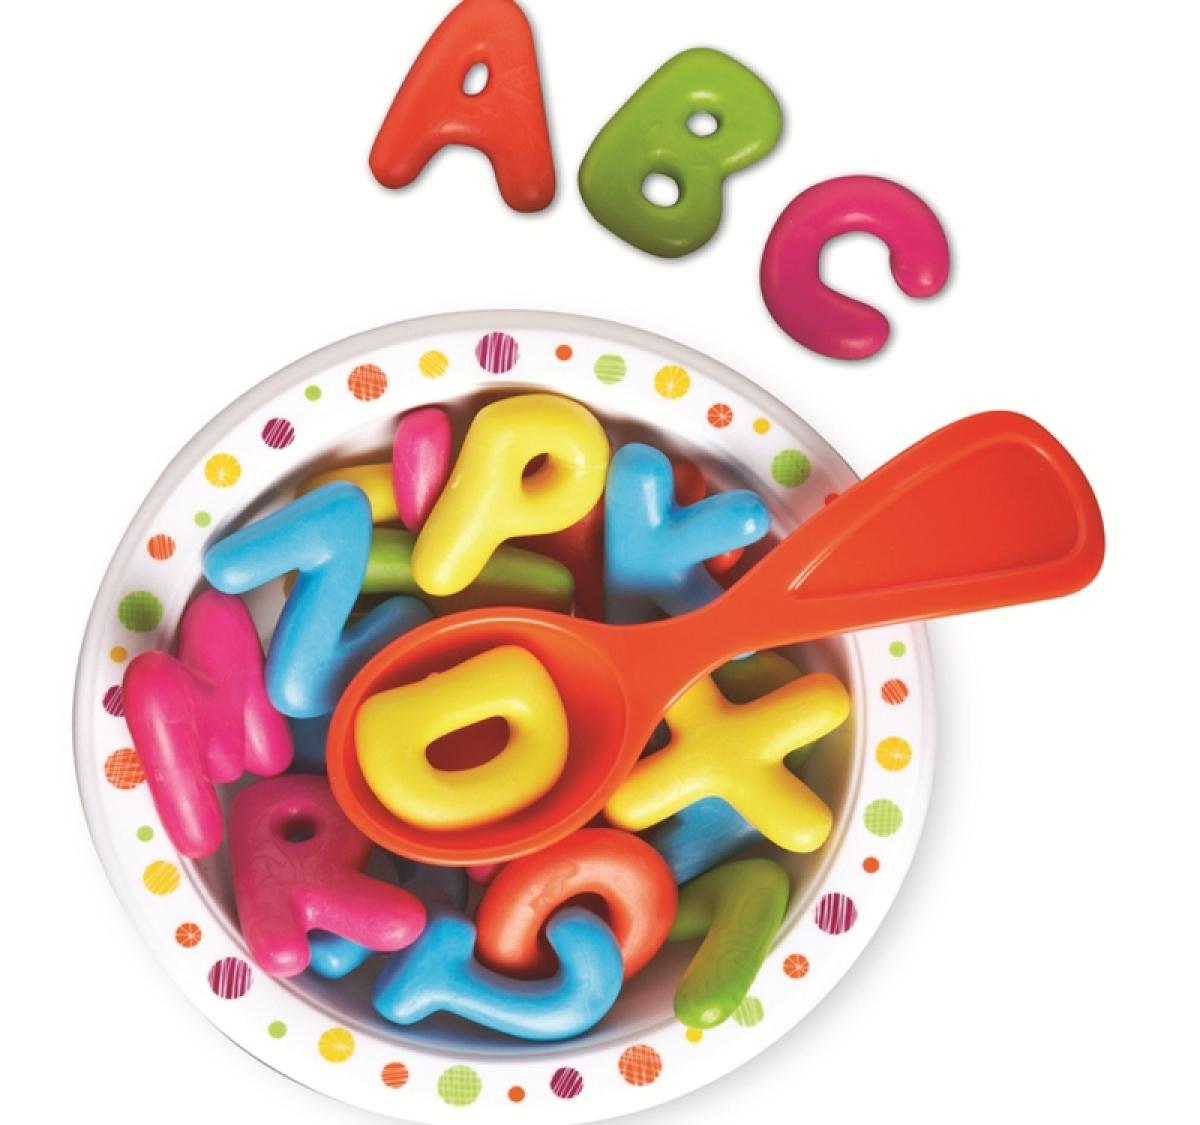 Ground zero: CAB, NPR, NRC is a boiling alphabet soup